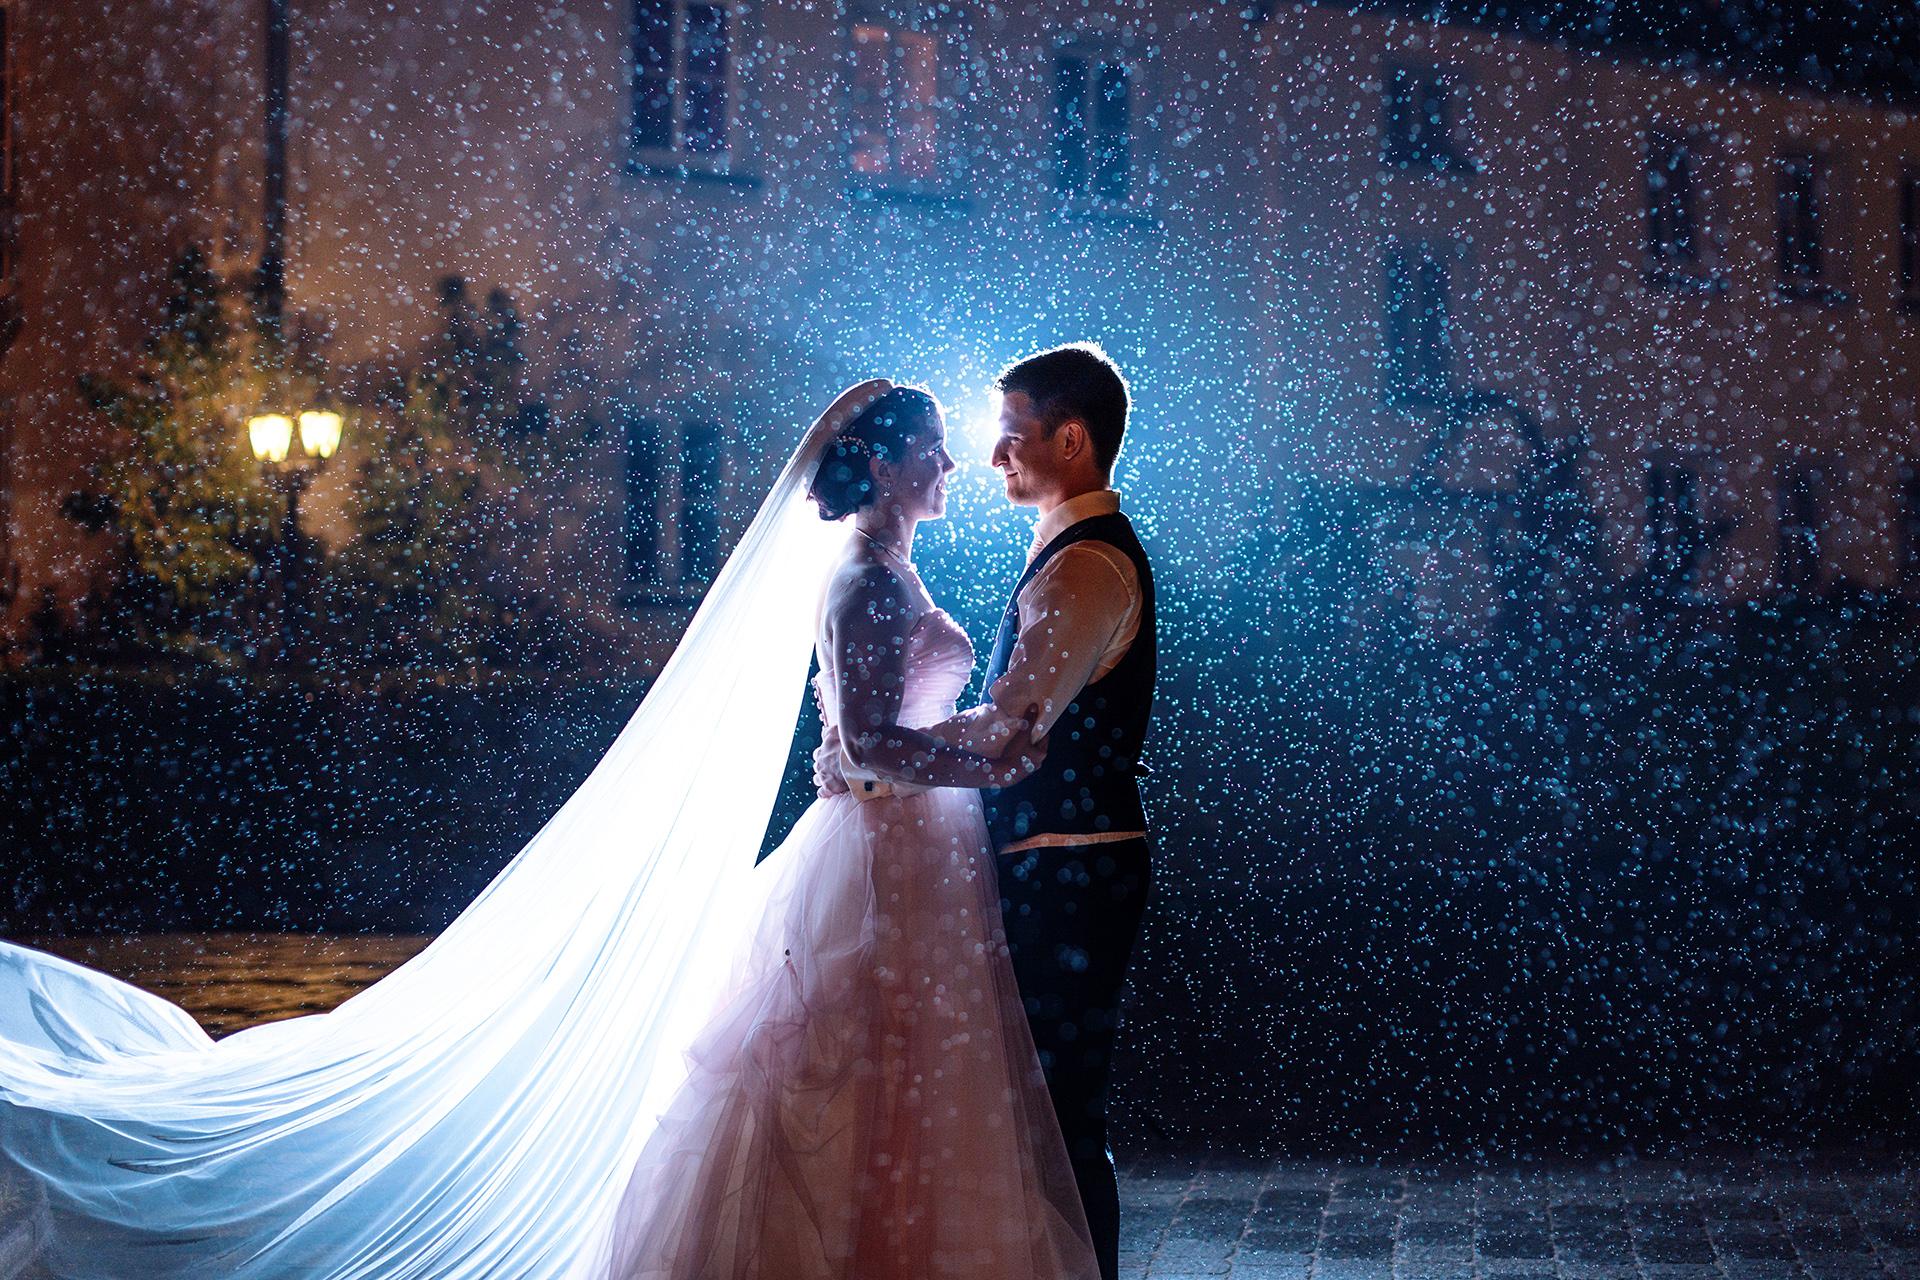 Hochzeitspaar bei Hochzeit im Regen mit schlechtem Wetter